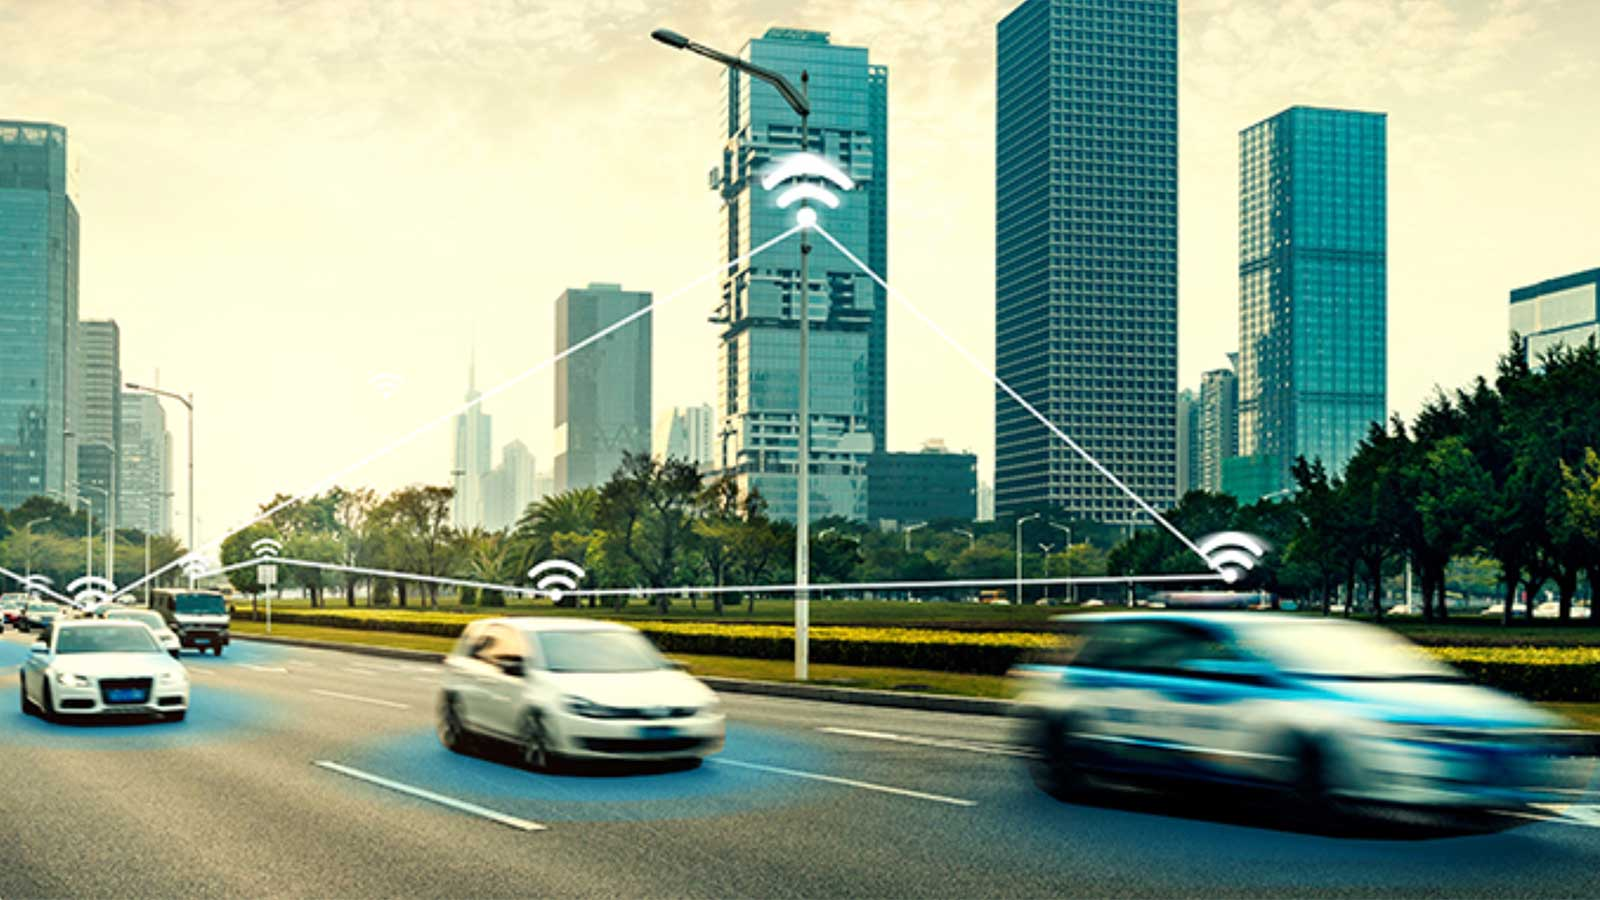 モノと車のシームレスなネットワーク接続を実現するVeniam